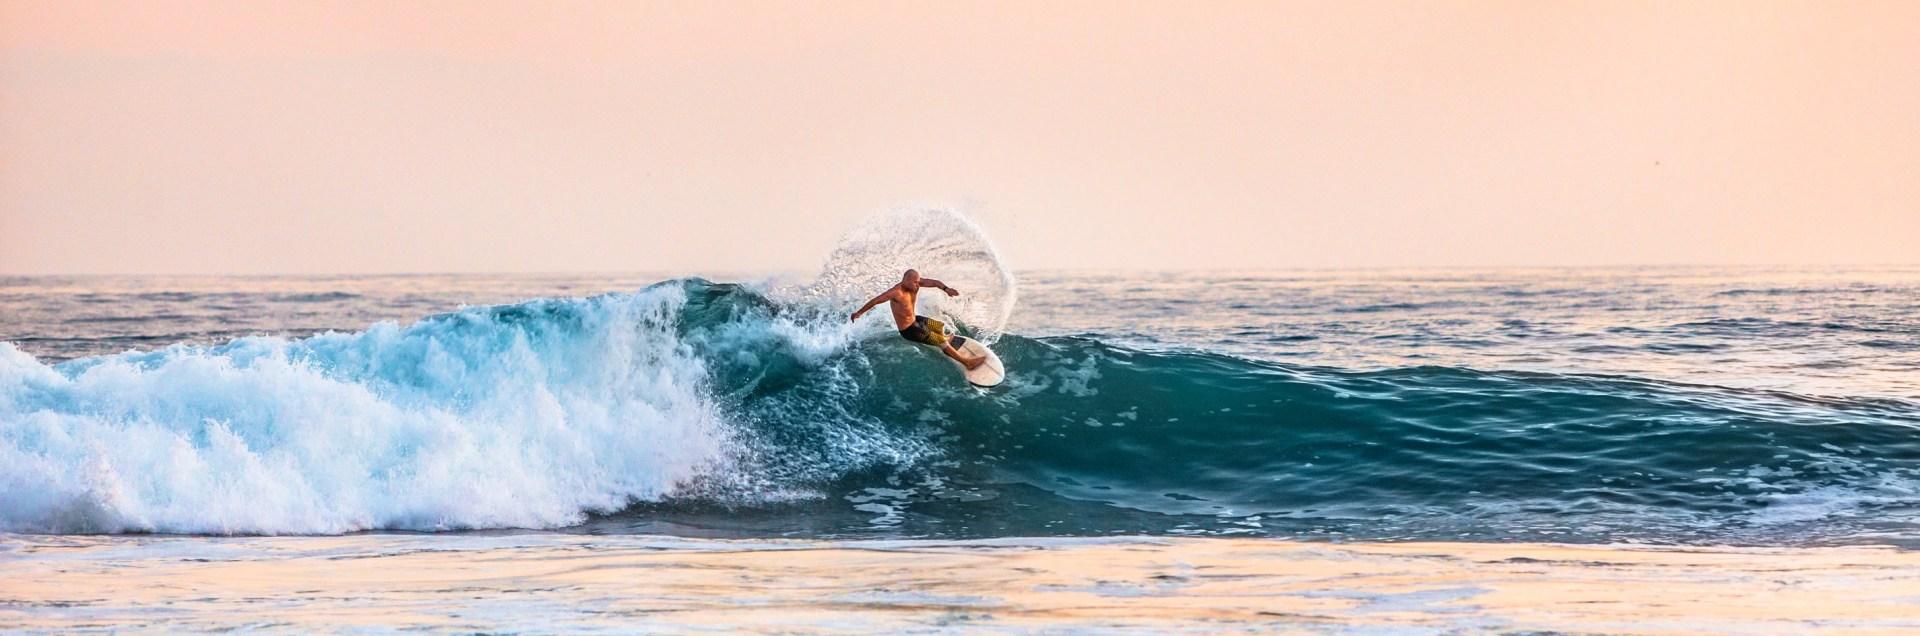 🏄♀️ Surf's Up! Preparing for Huge Waves of Traffic via Load Testing